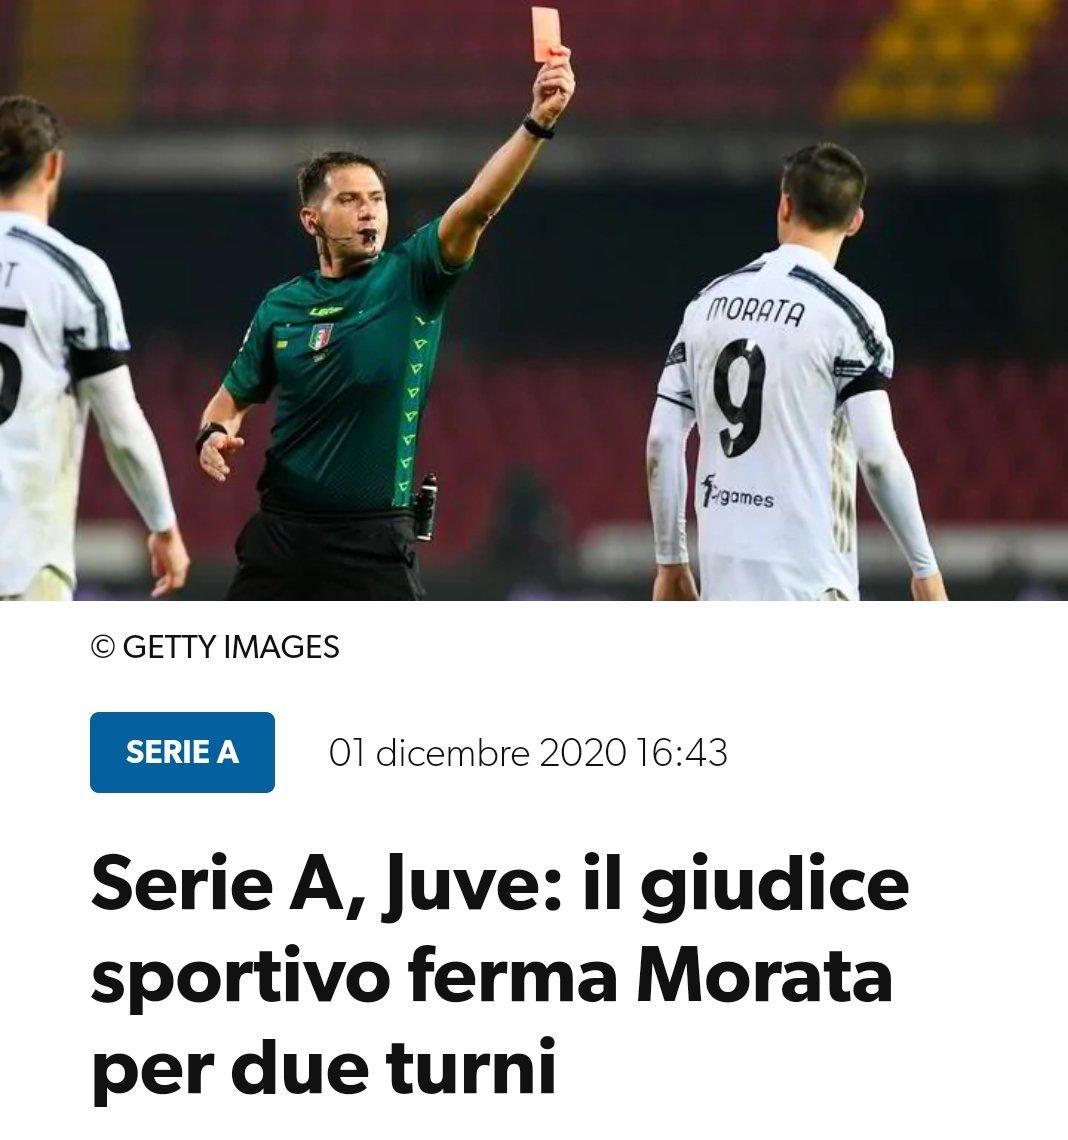 #Morata